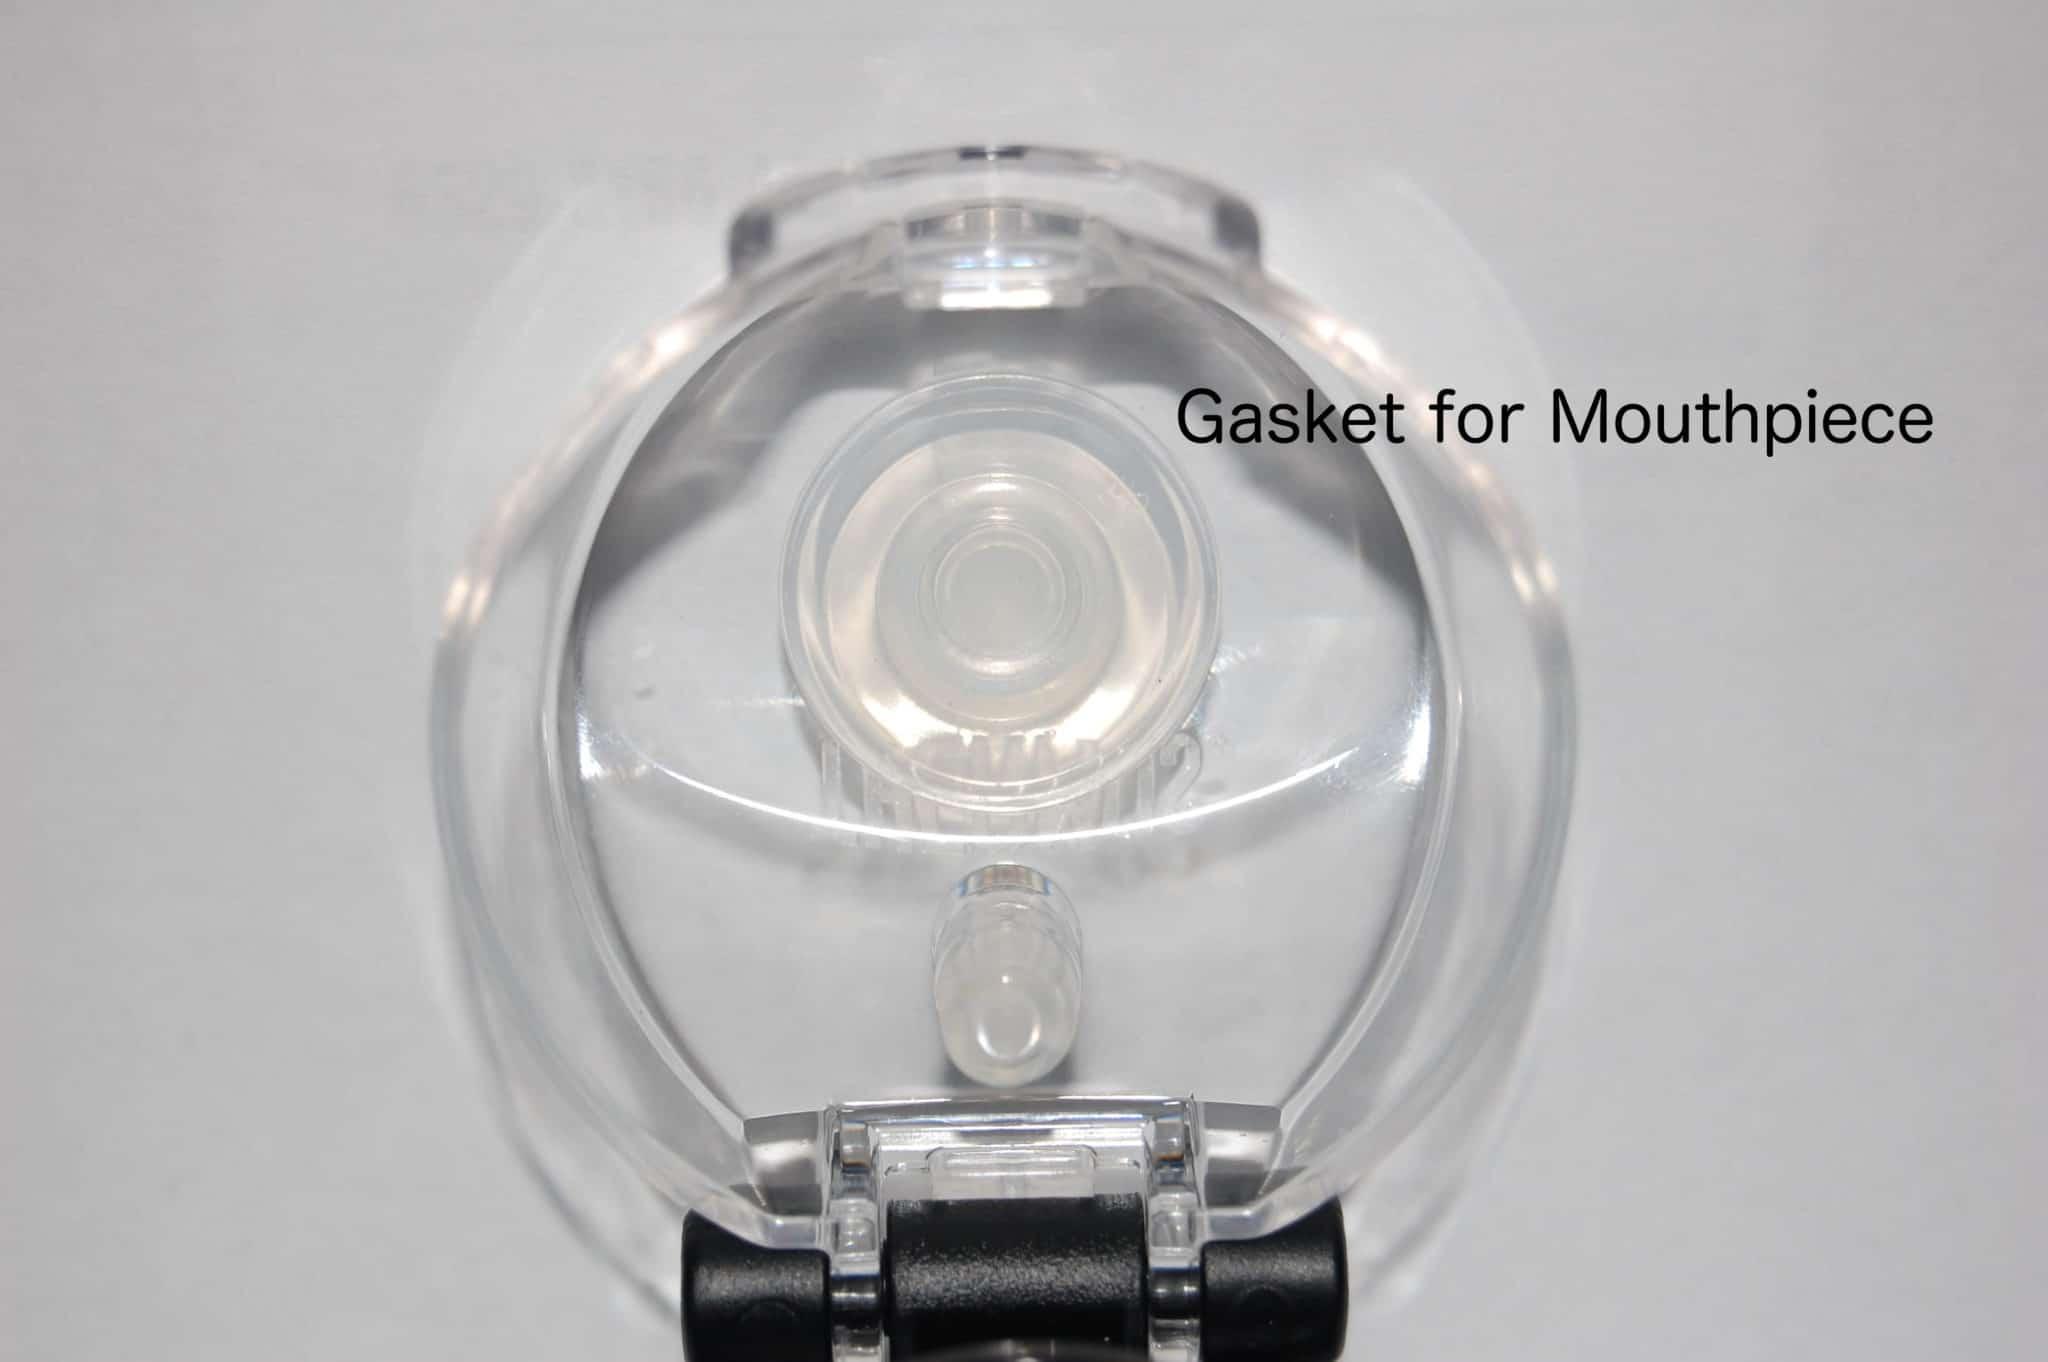 vitamix smoothie bottle lid gasket